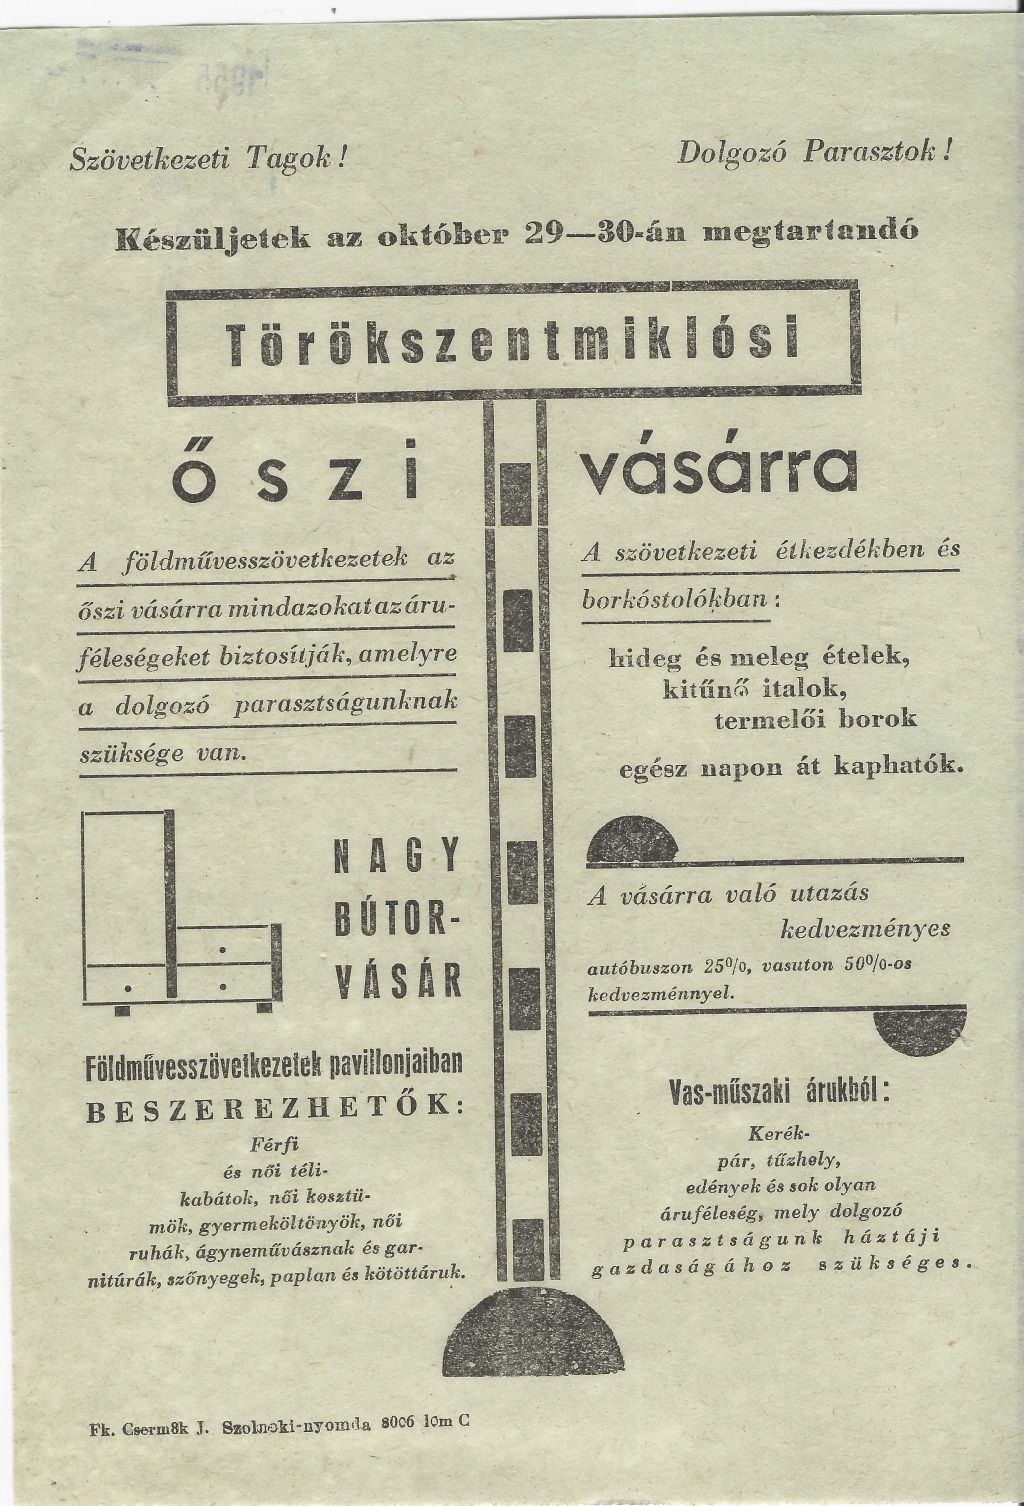 Őszi Vásár Törökszentmiklóson 1955. október 29-30-án